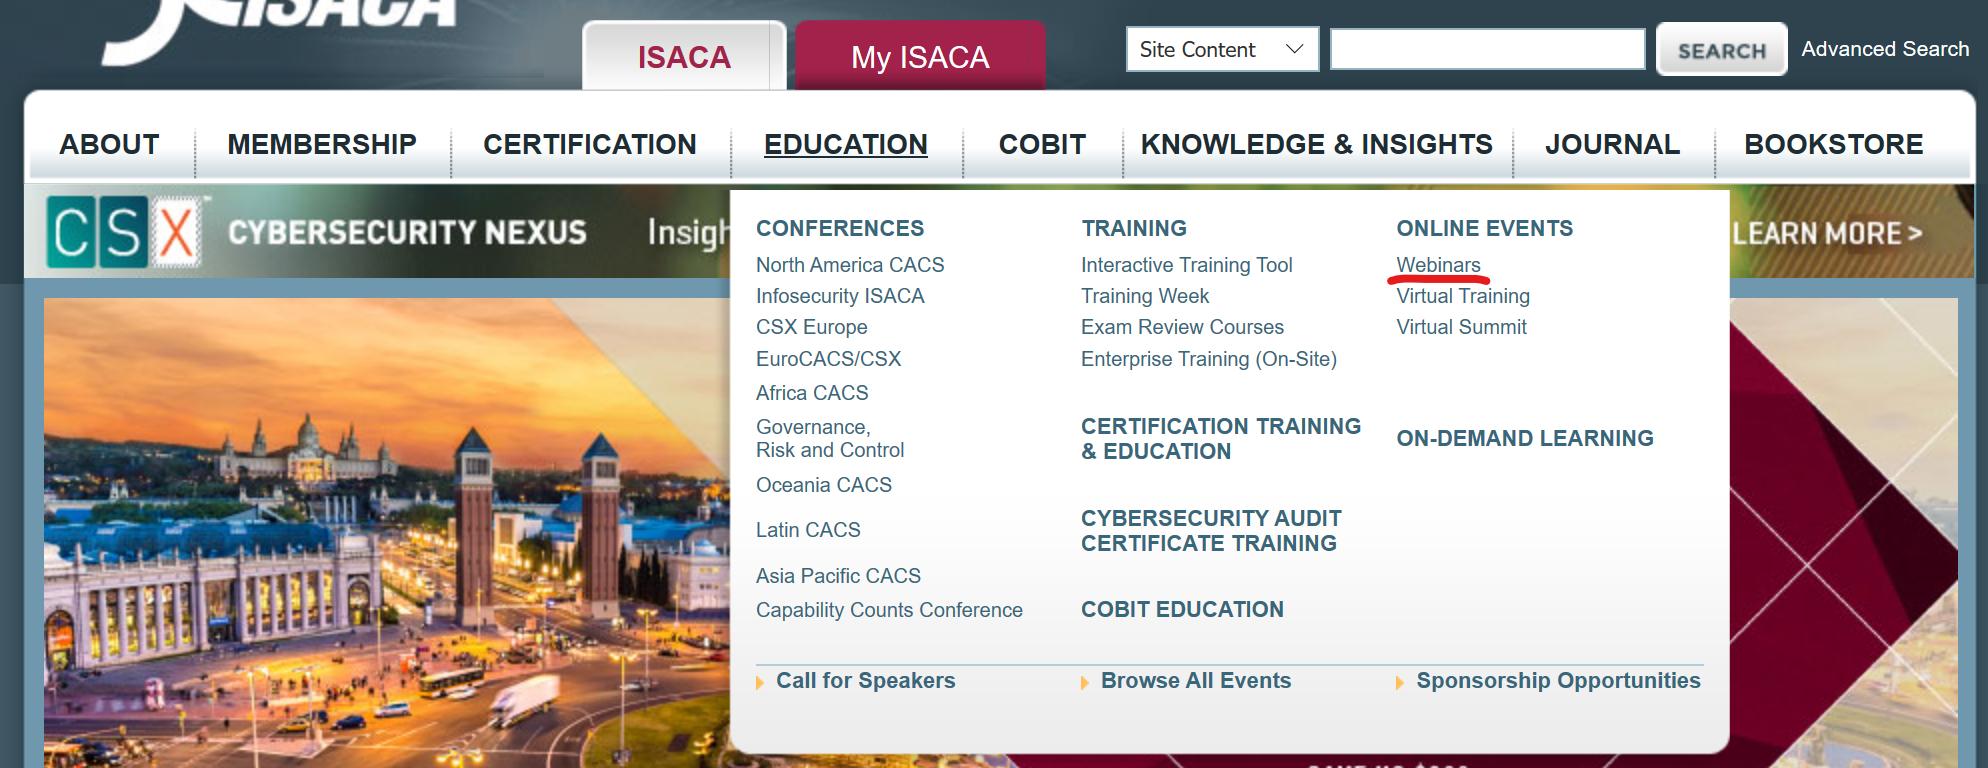 Получение CPE для поддержания профессиональных сертификаций (на примере ISACA) - 6